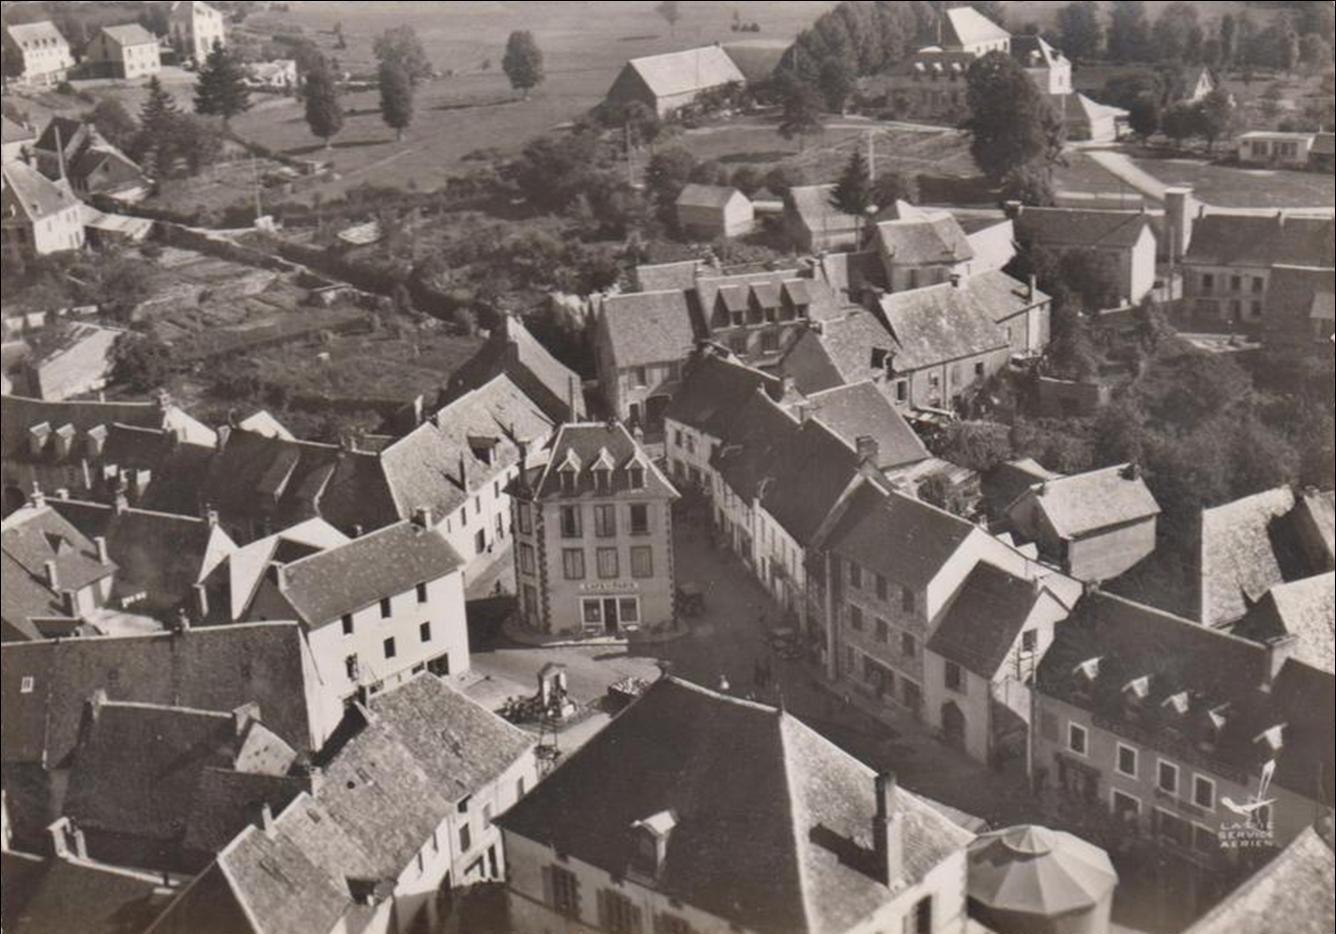 Tauves dans les années 1950-60